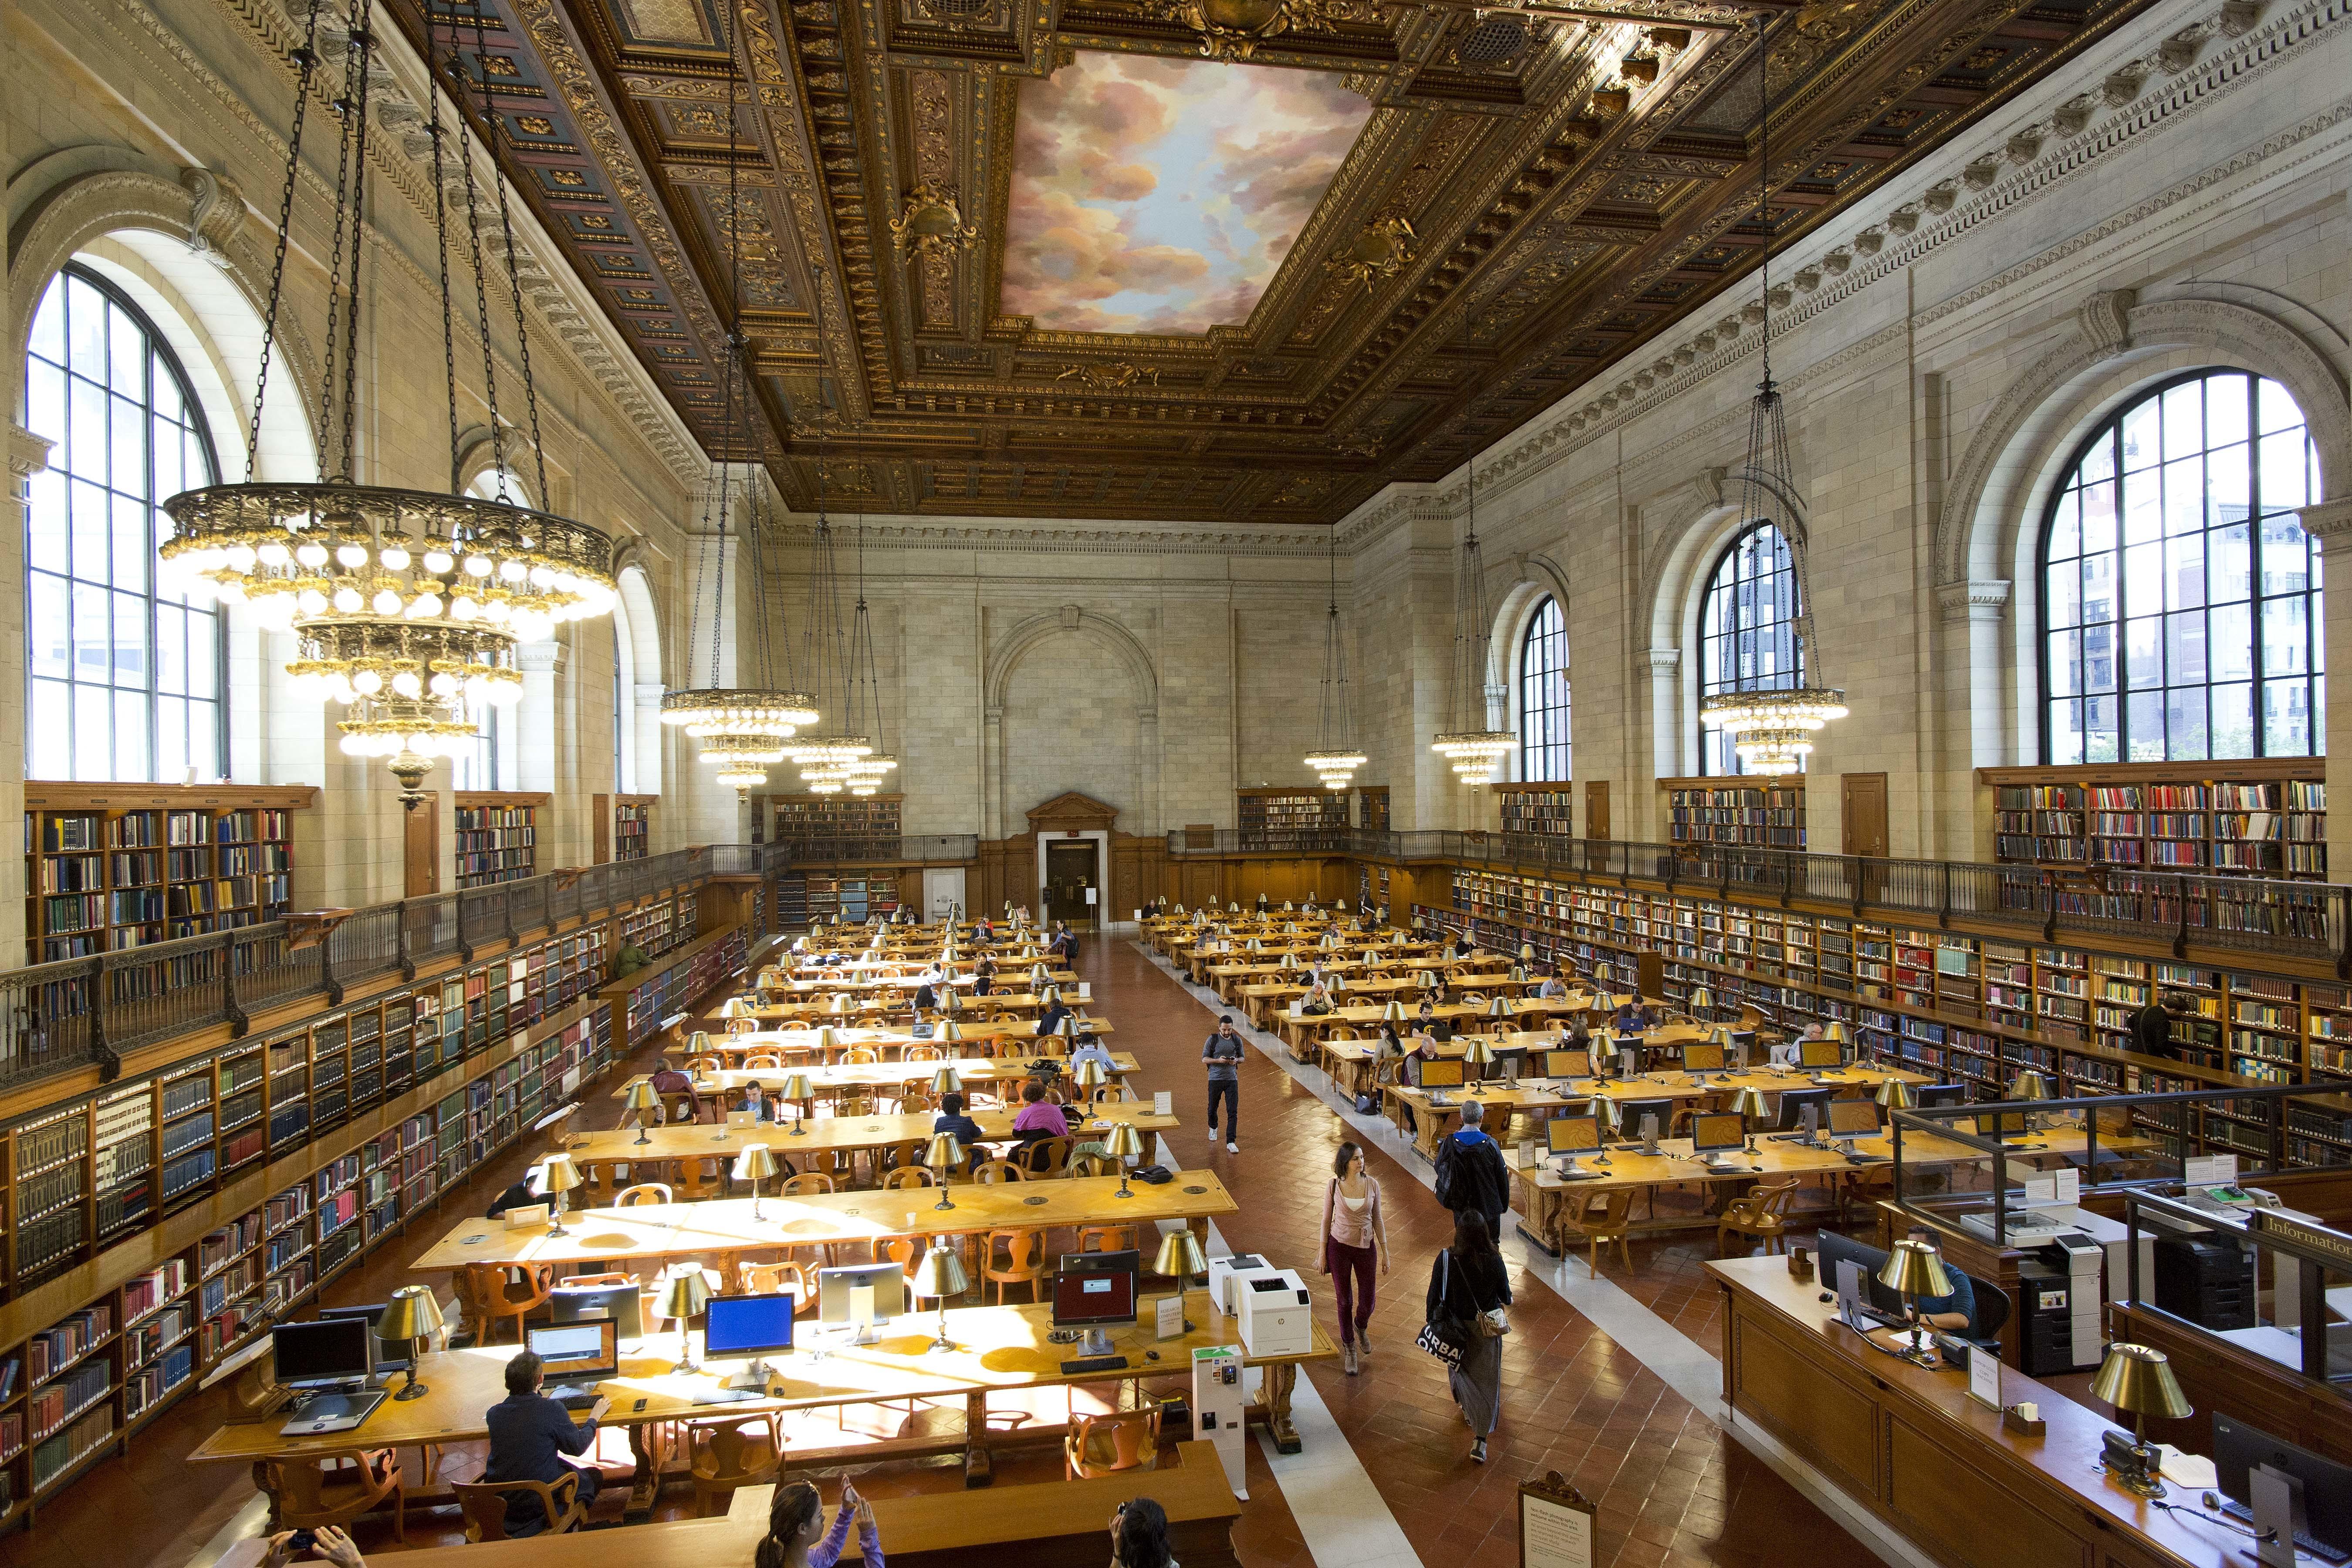 Pennsylvania public library teen blog